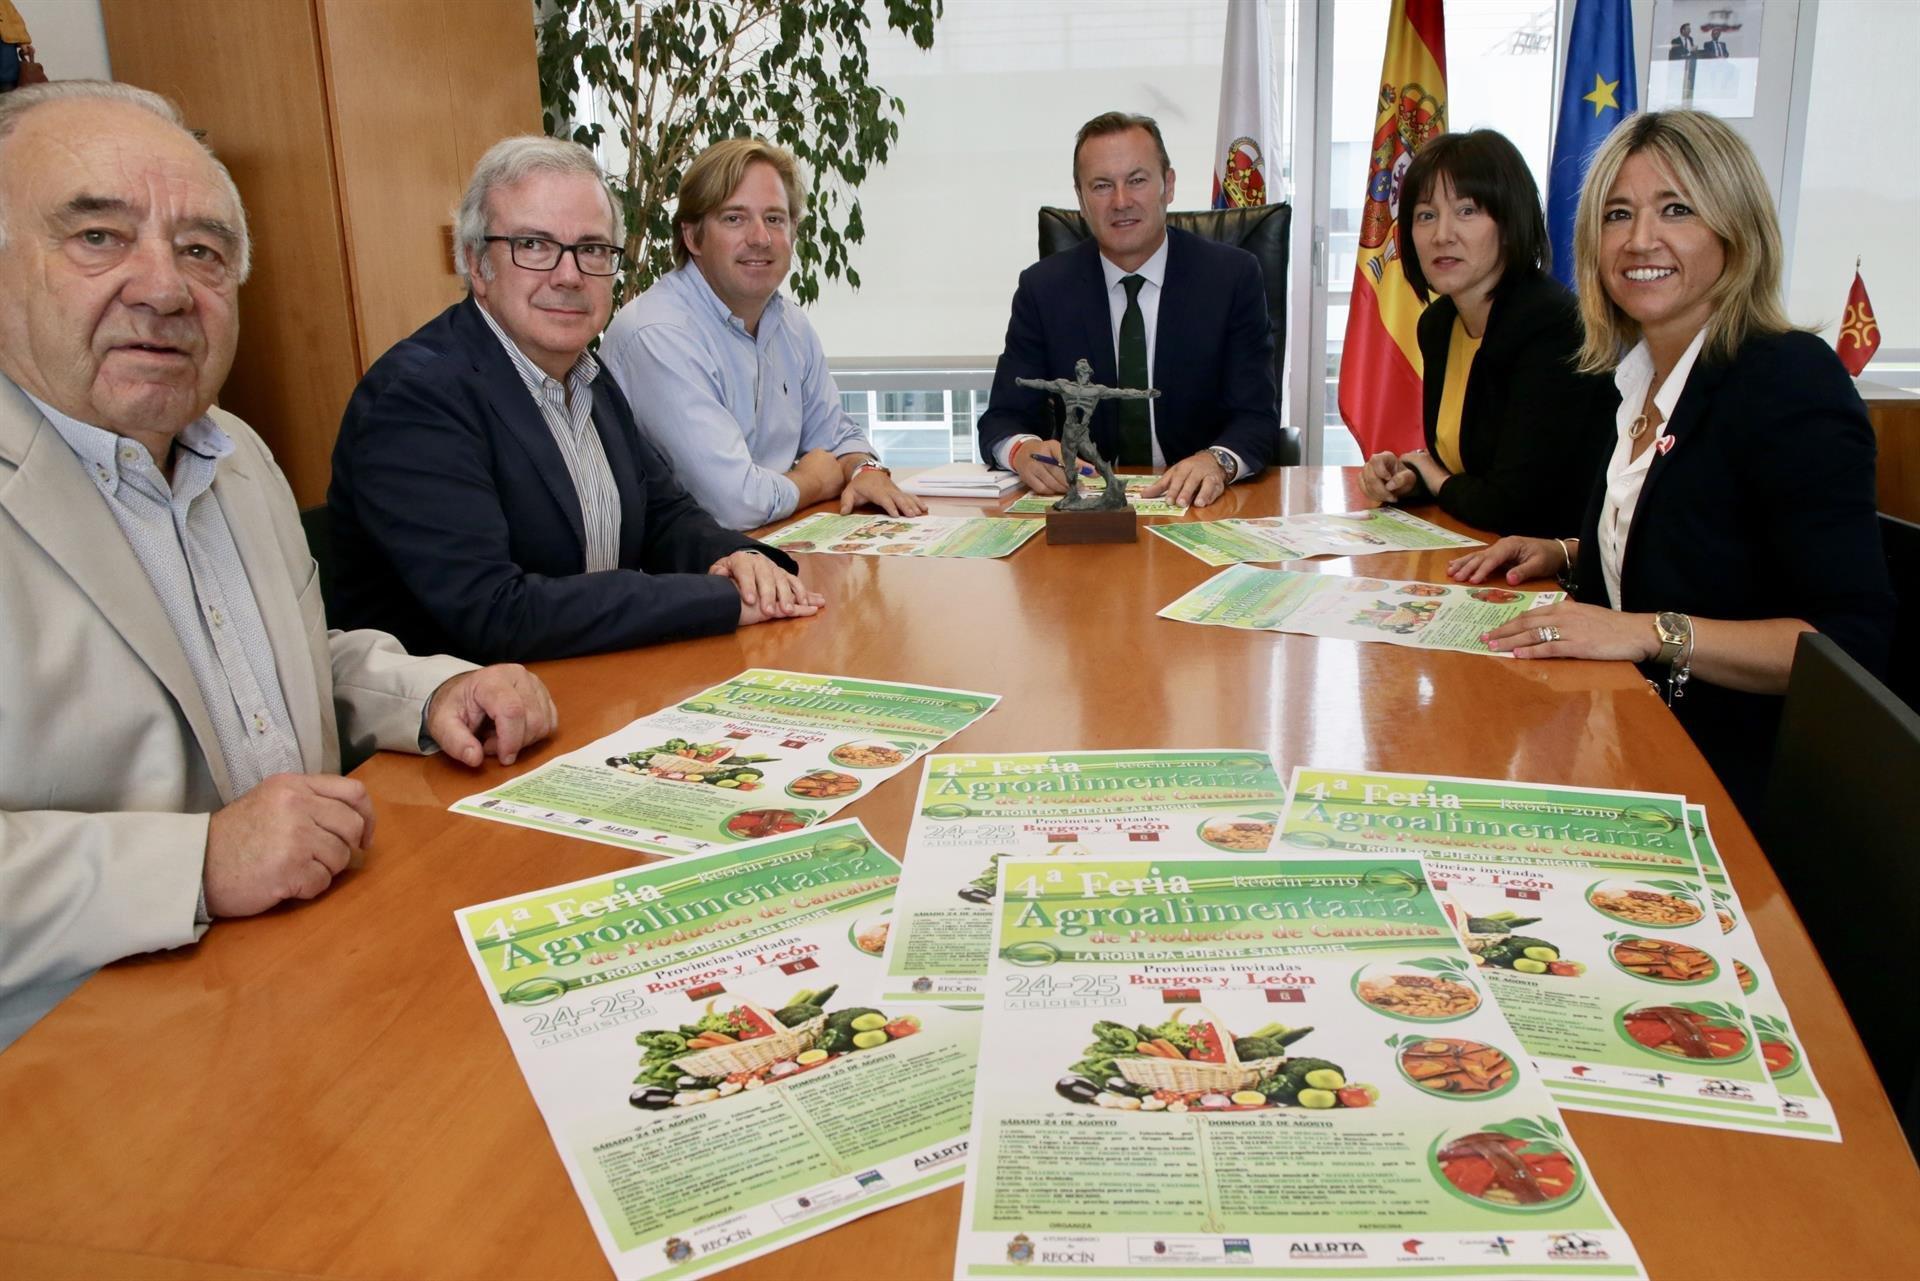 El consejero de Desarrollo Rural, Ganadería, Pesca, Alimentación y Medio Ambiente, Guillermo Blanco, y el alcalde de Reocín, Pablo Diestro, entre otros